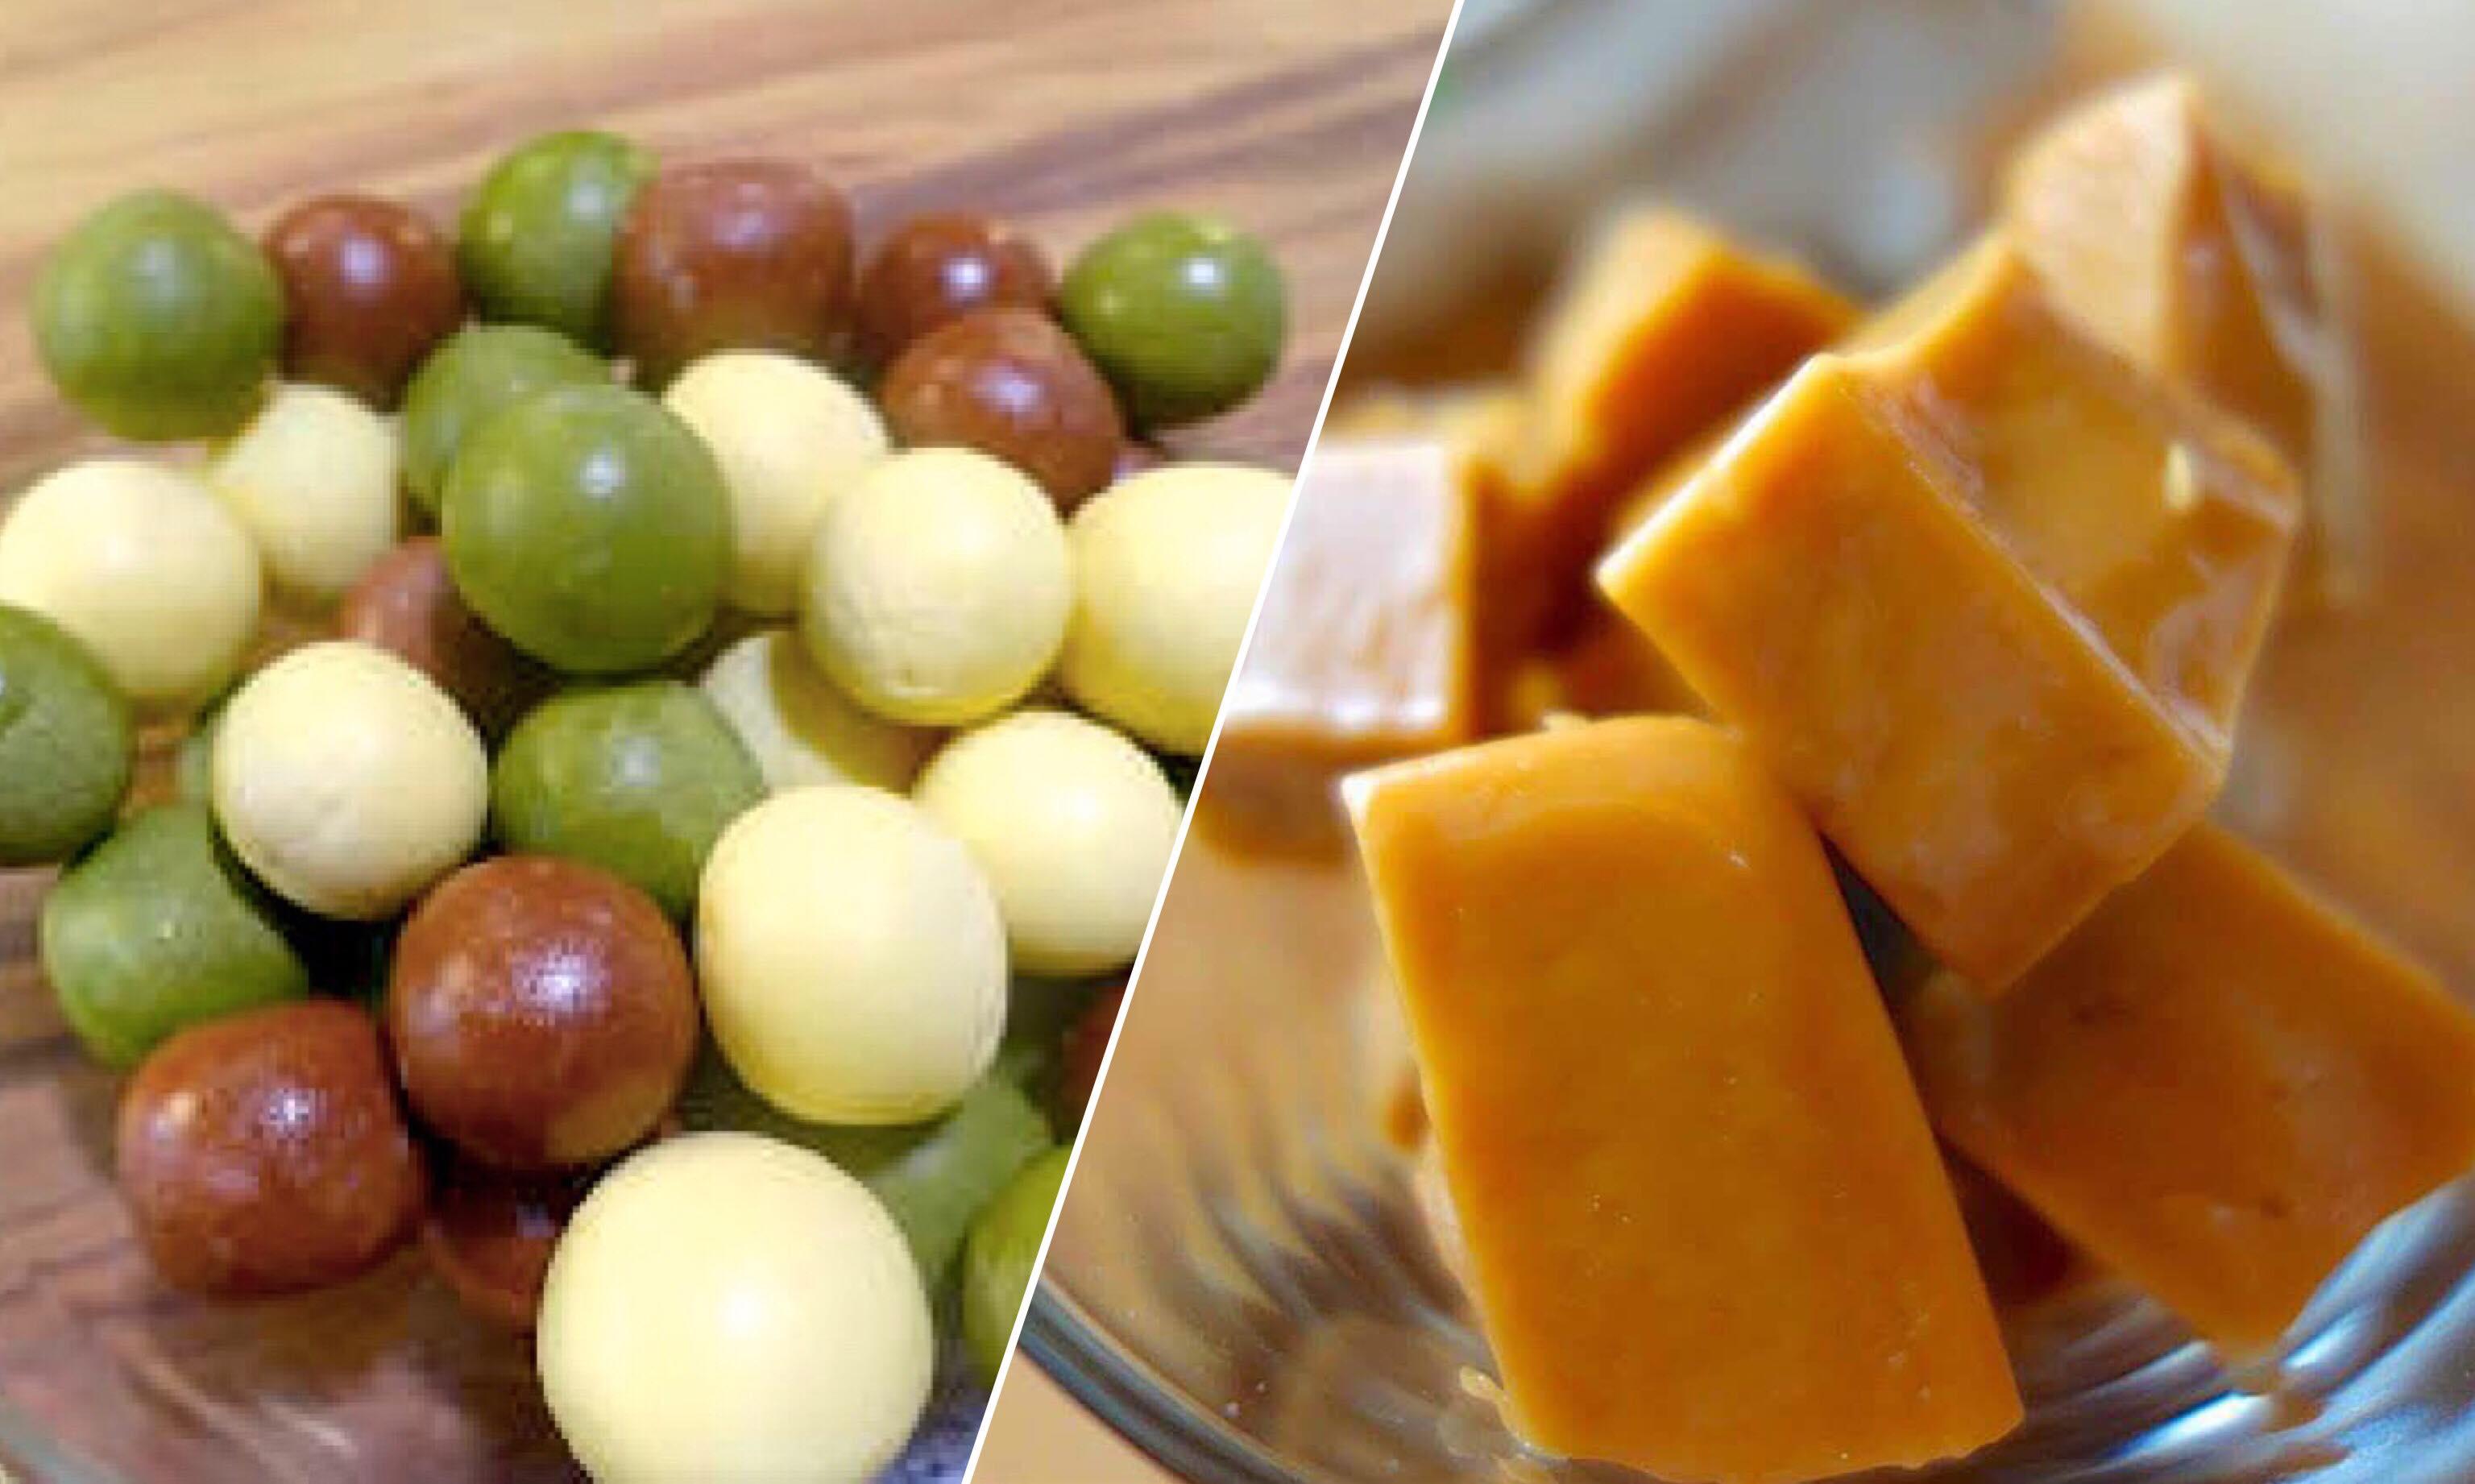 「奶香味十足的 2 種手工牛奶糖做法」只需要 3 種材料,懷舊口感輕鬆完成!